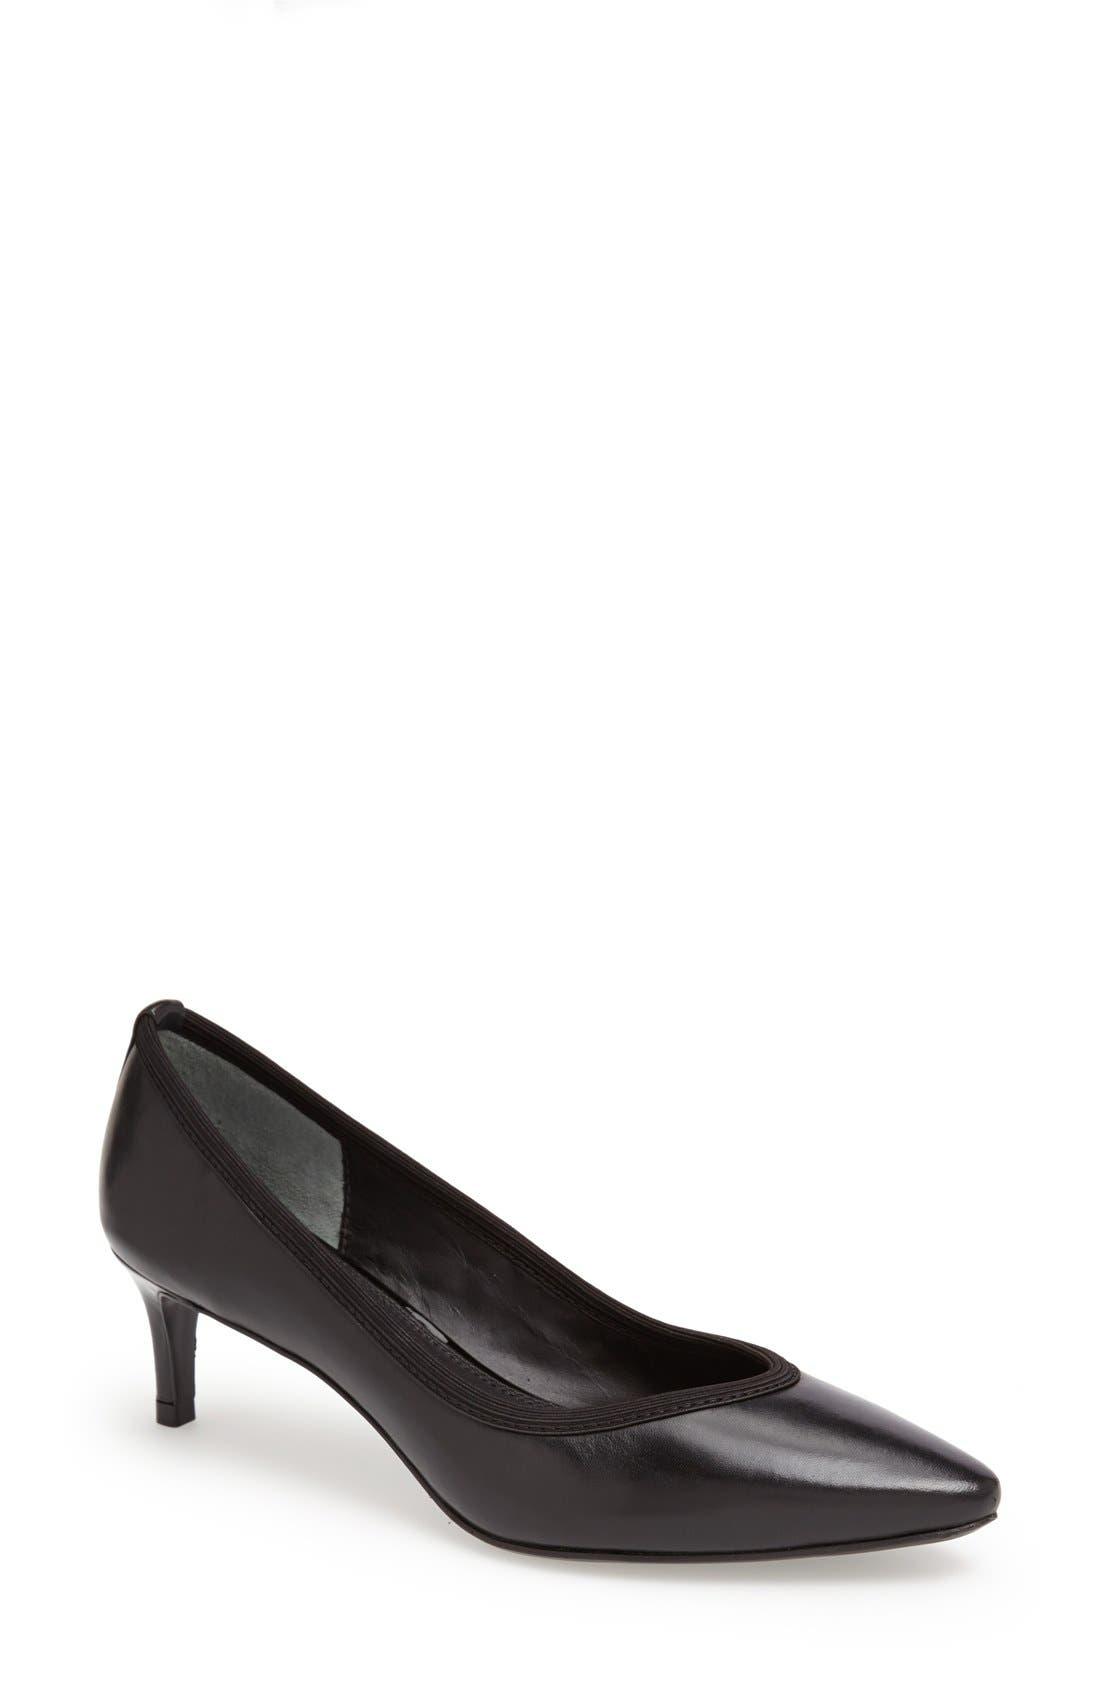 Main Image - Diana von Furstenberg 'Faline' Pointy Toe Leather Pump (Women)